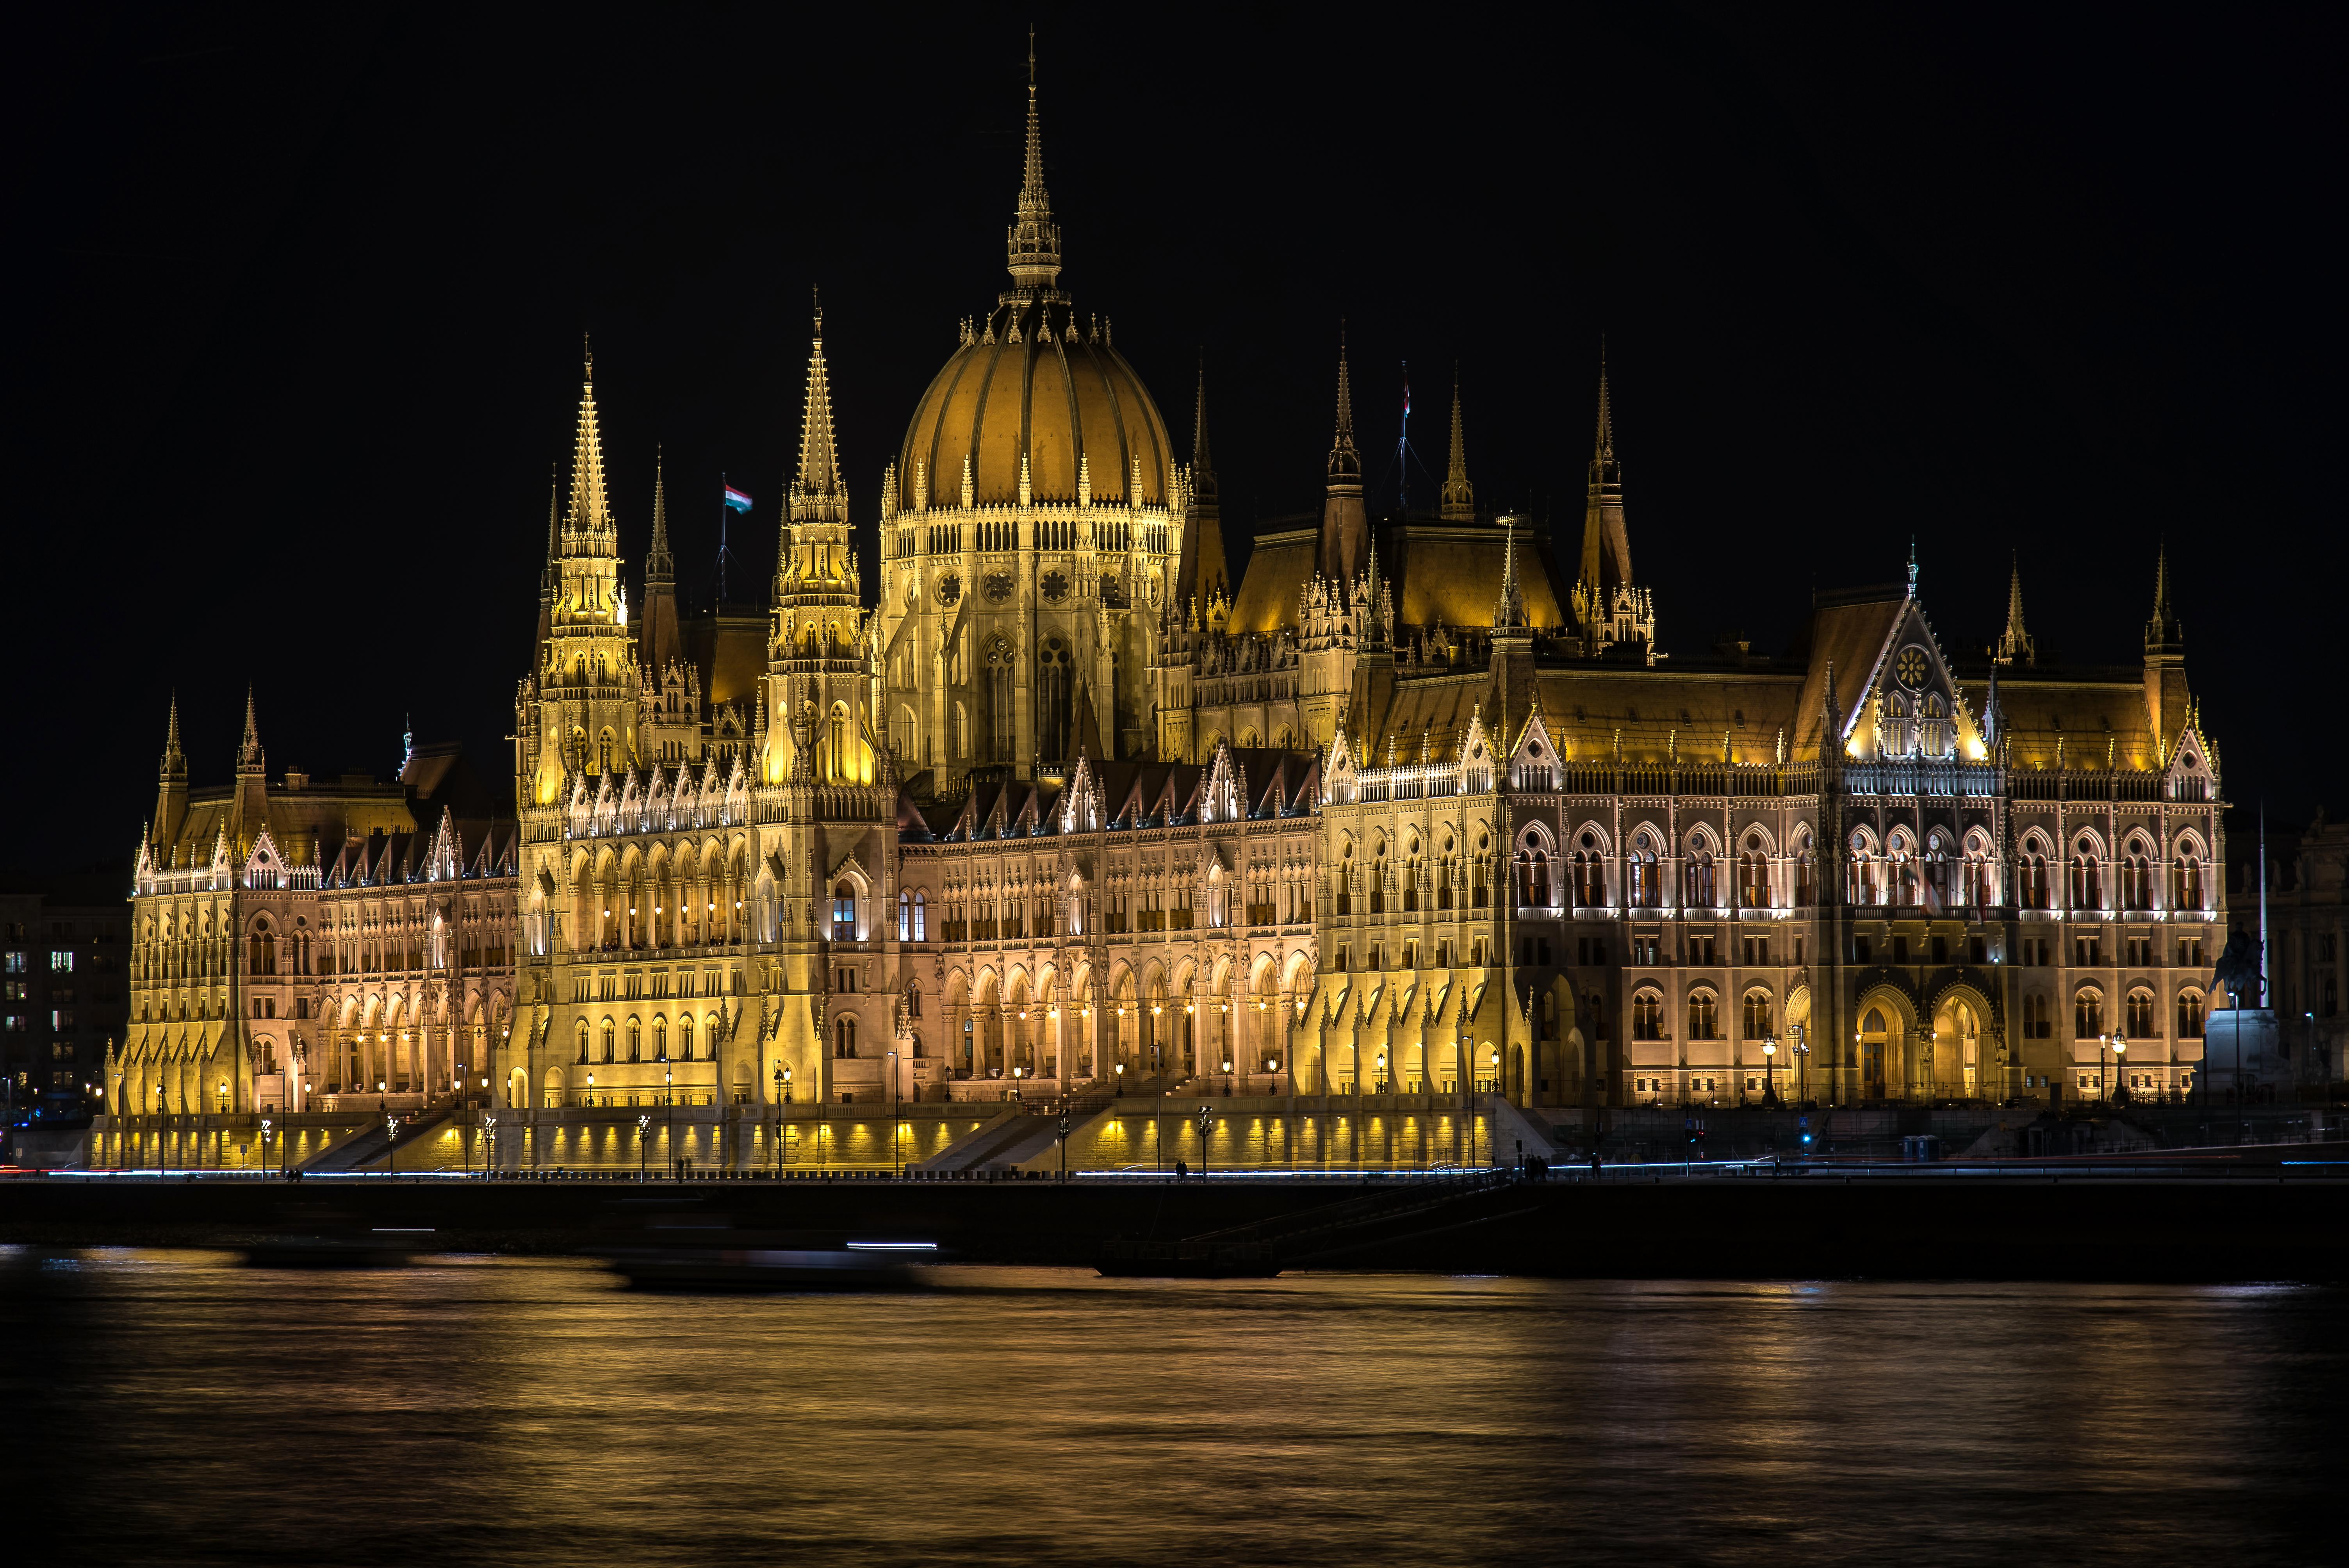 Достопримечательности венгрии фото и описание